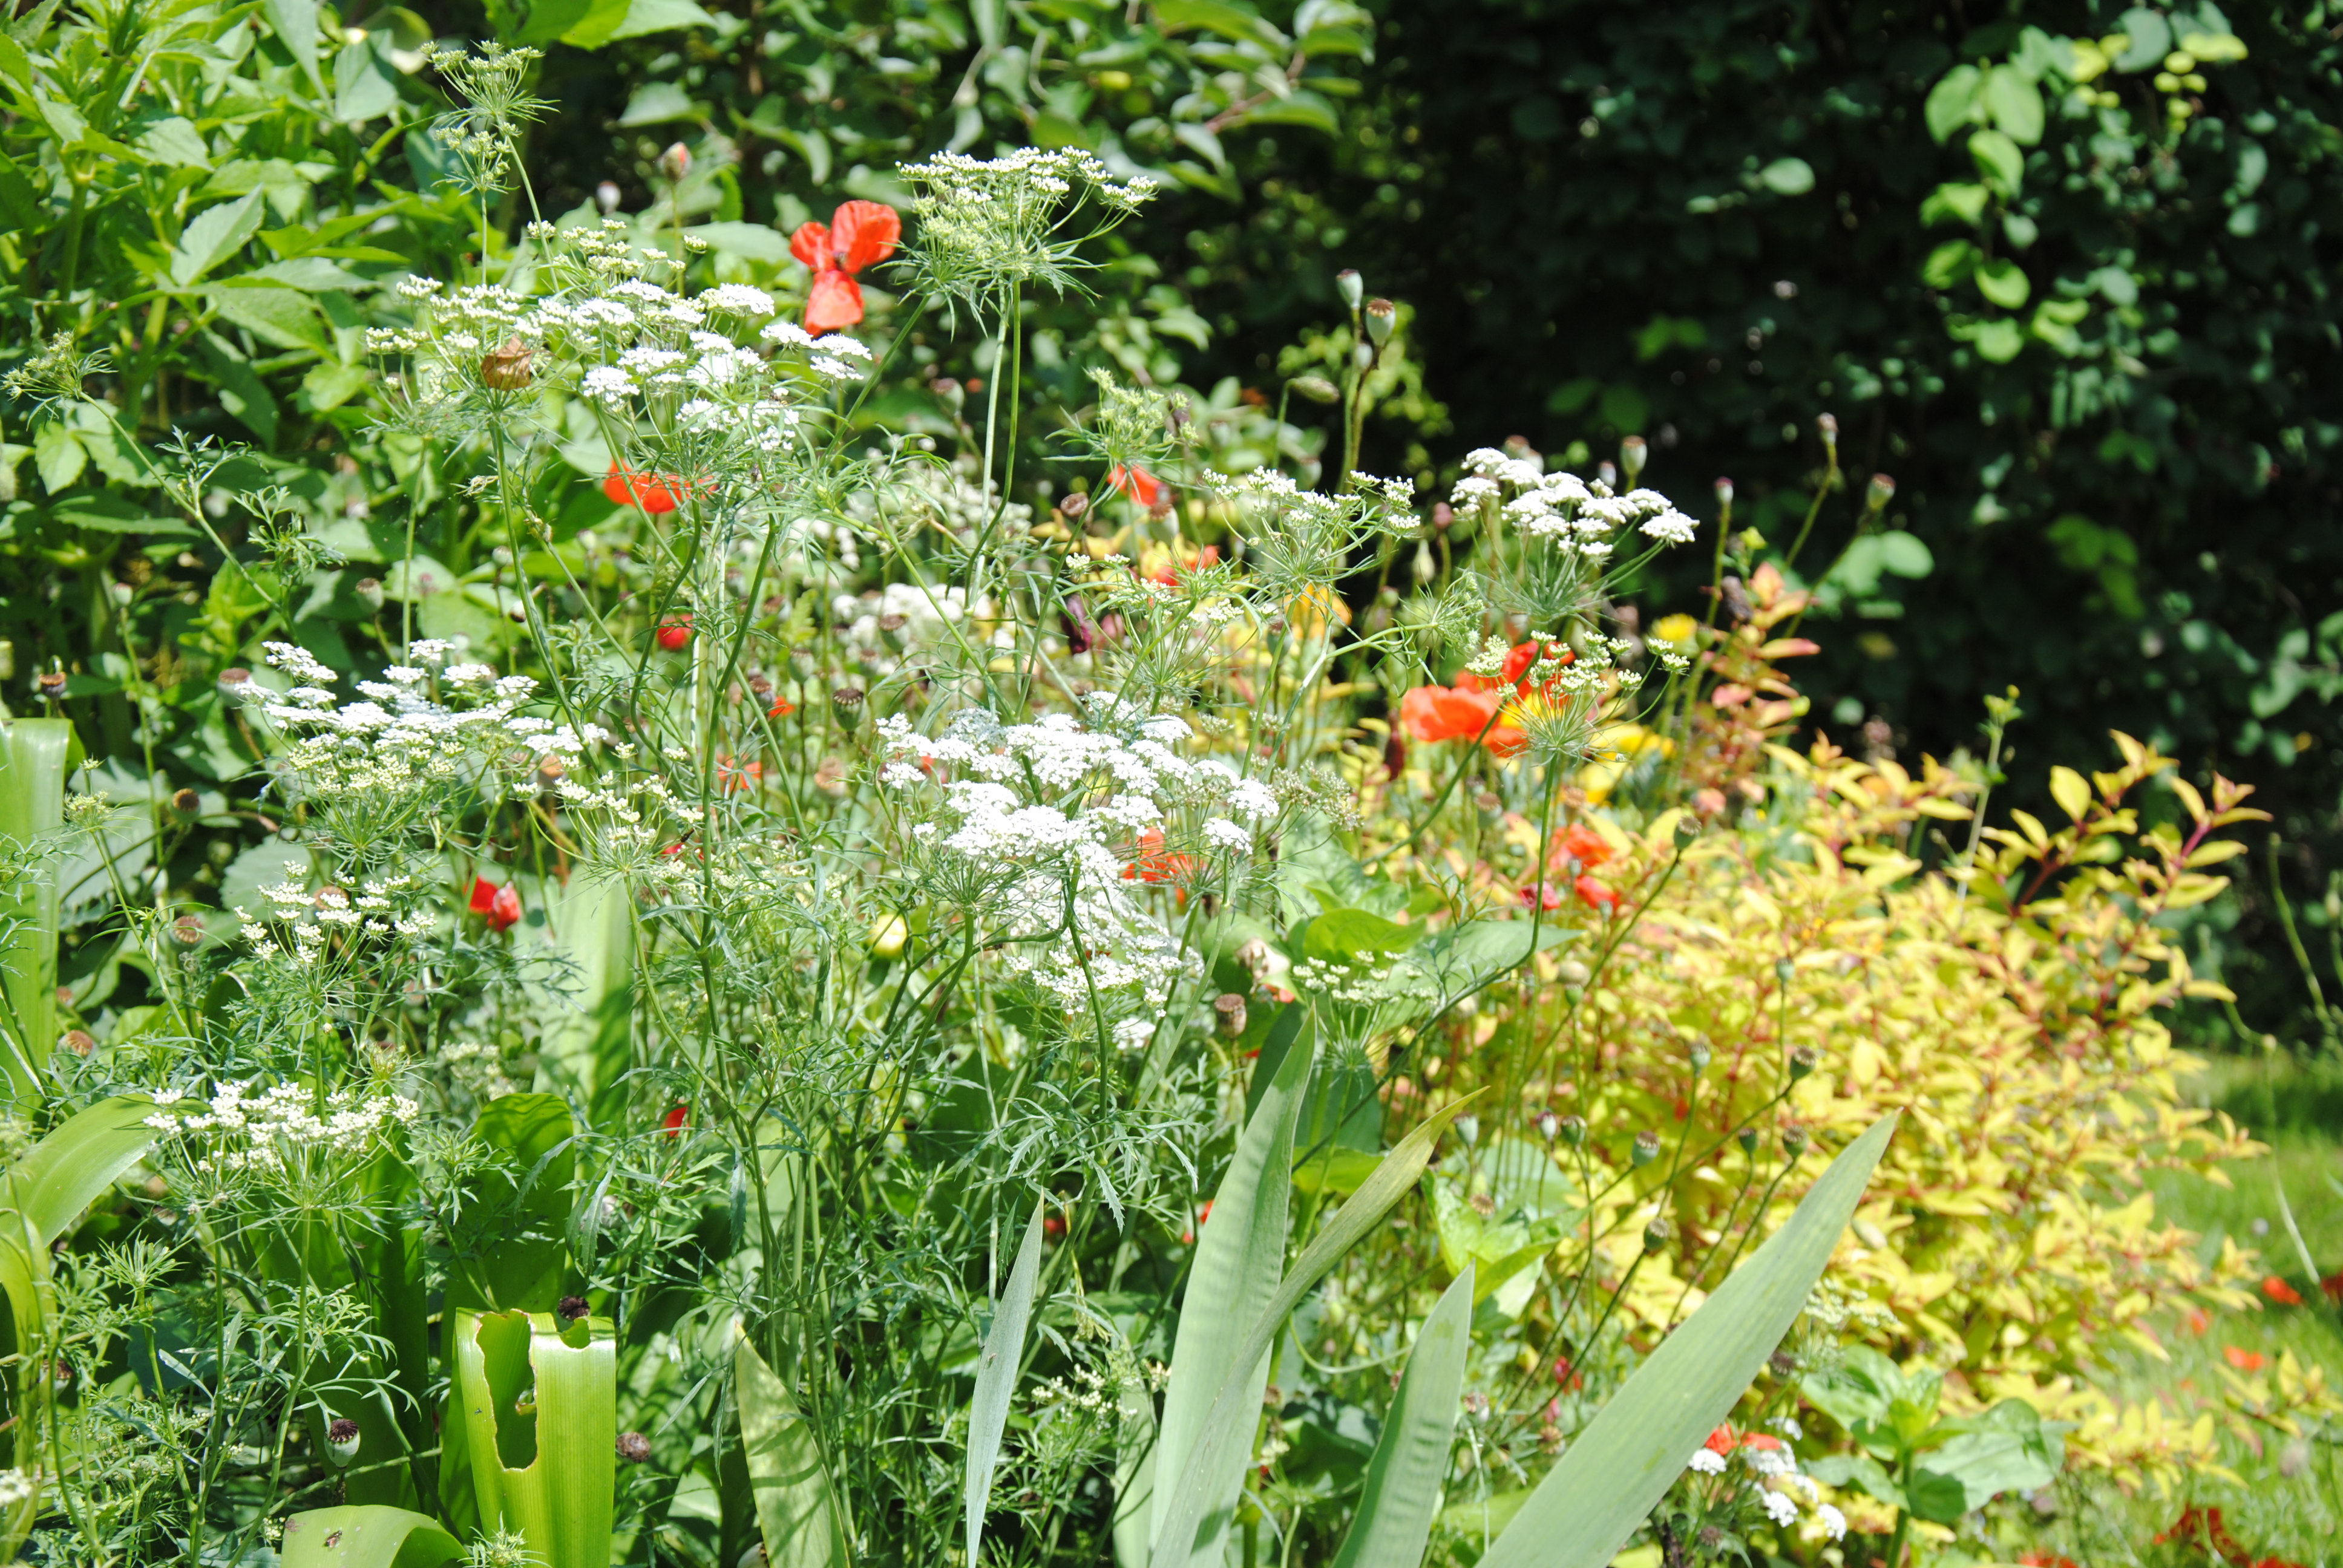 les-plantes-ont-ete-choisies-selon-leur-capacite-a-attirer-les-auxiliaires-c-a-guillaumin